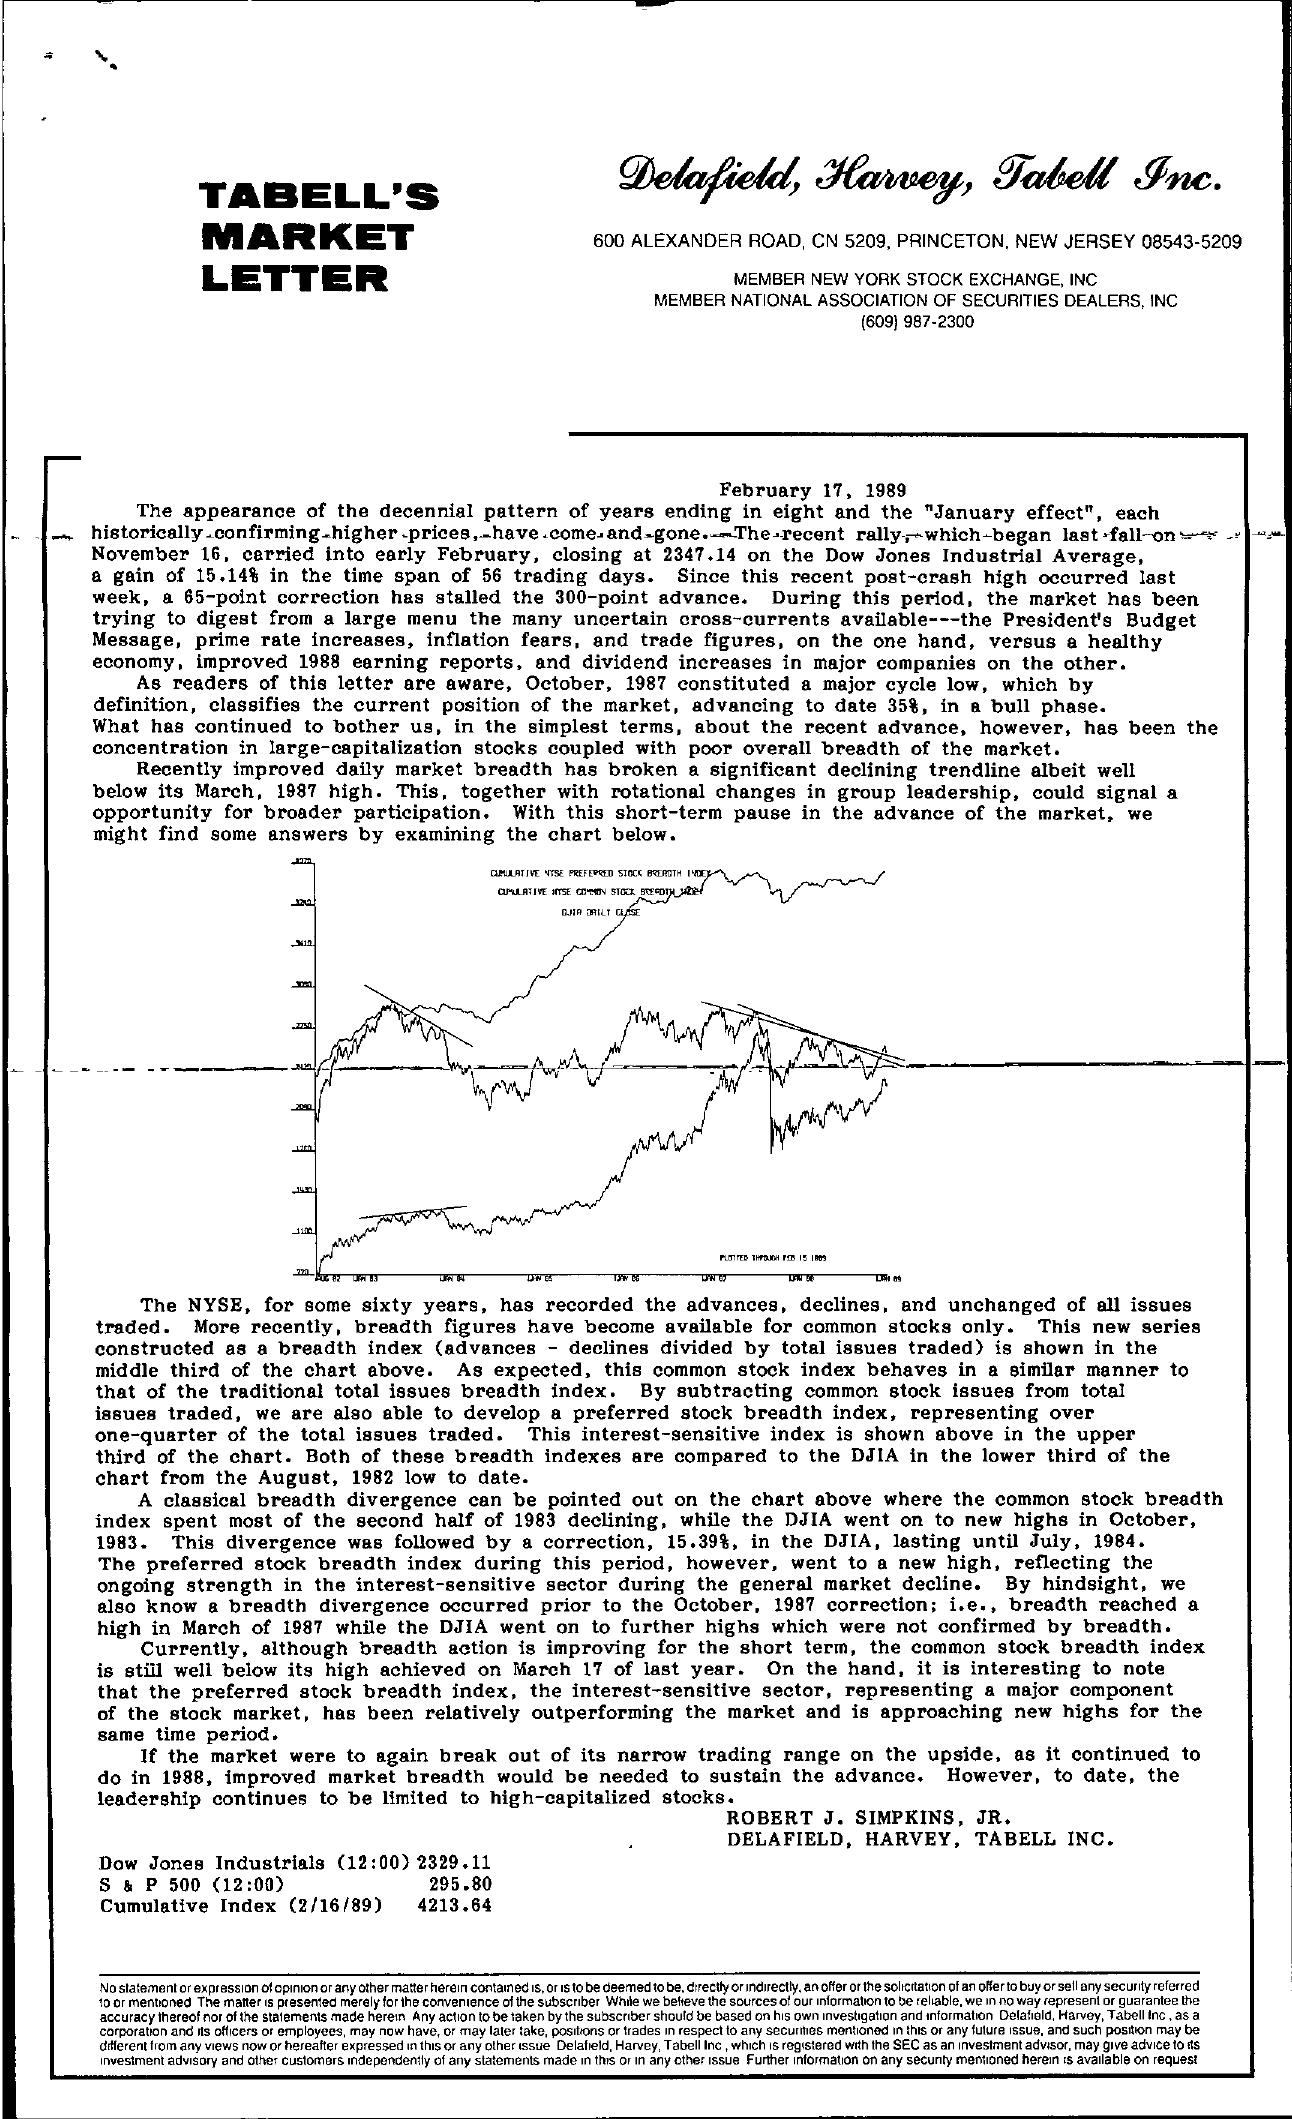 Tabell's Market Letter - February 17, 1989